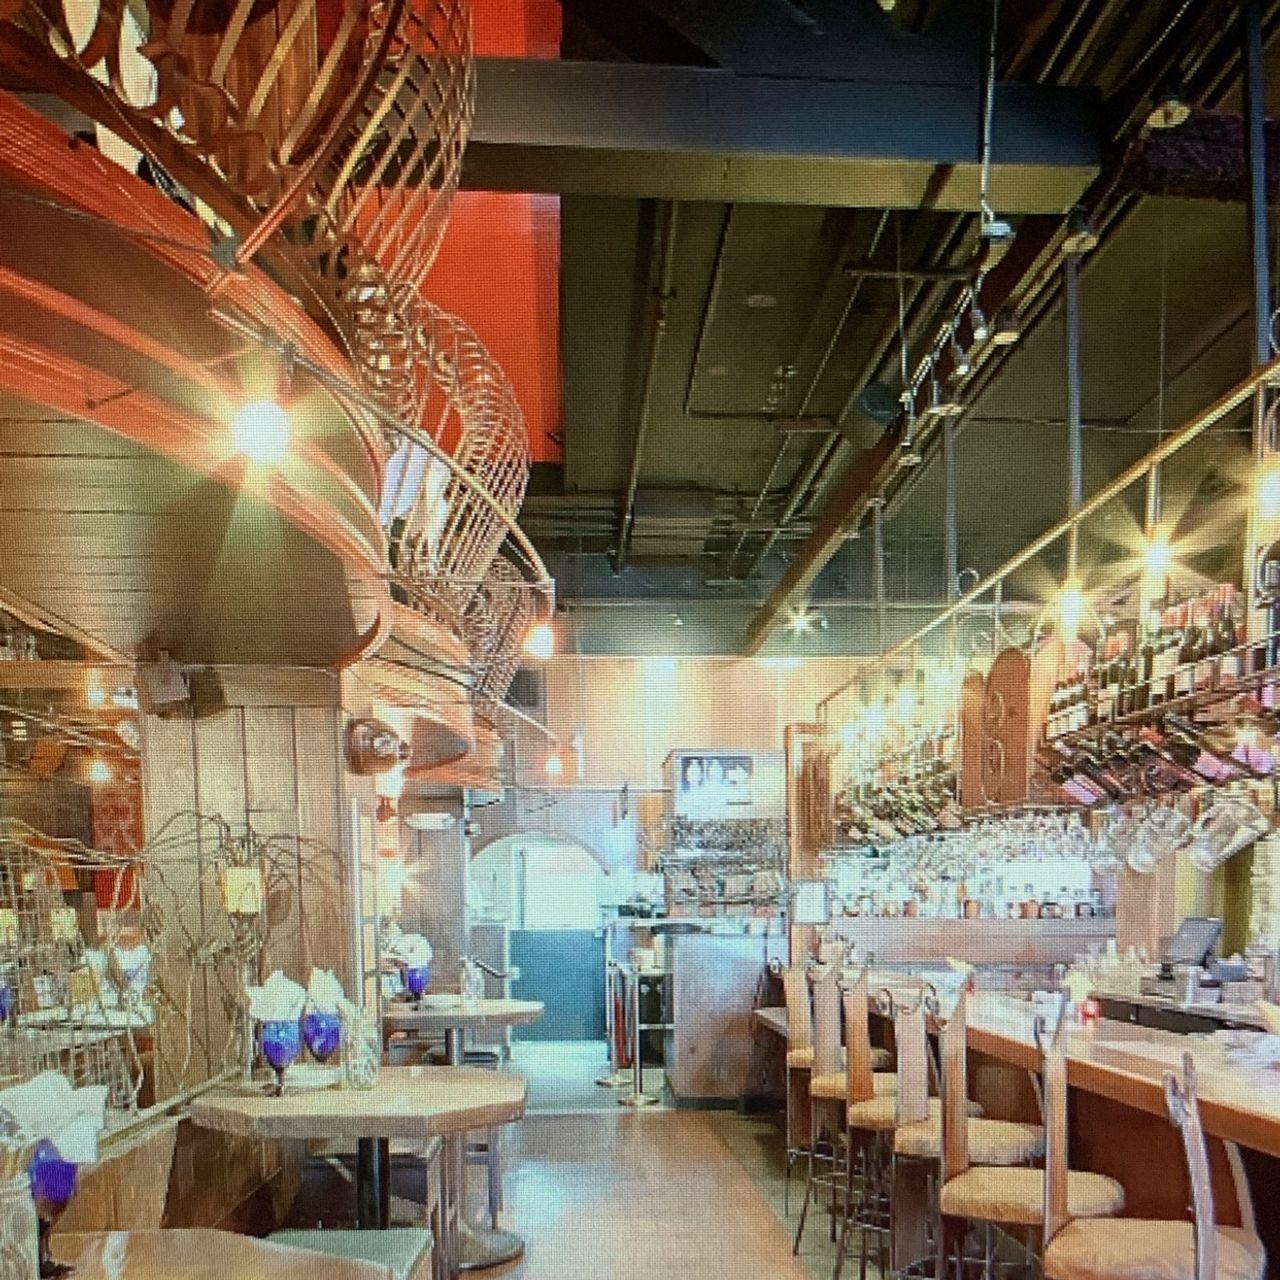 Cafe Sevilla Restaurant & Tapas Bar